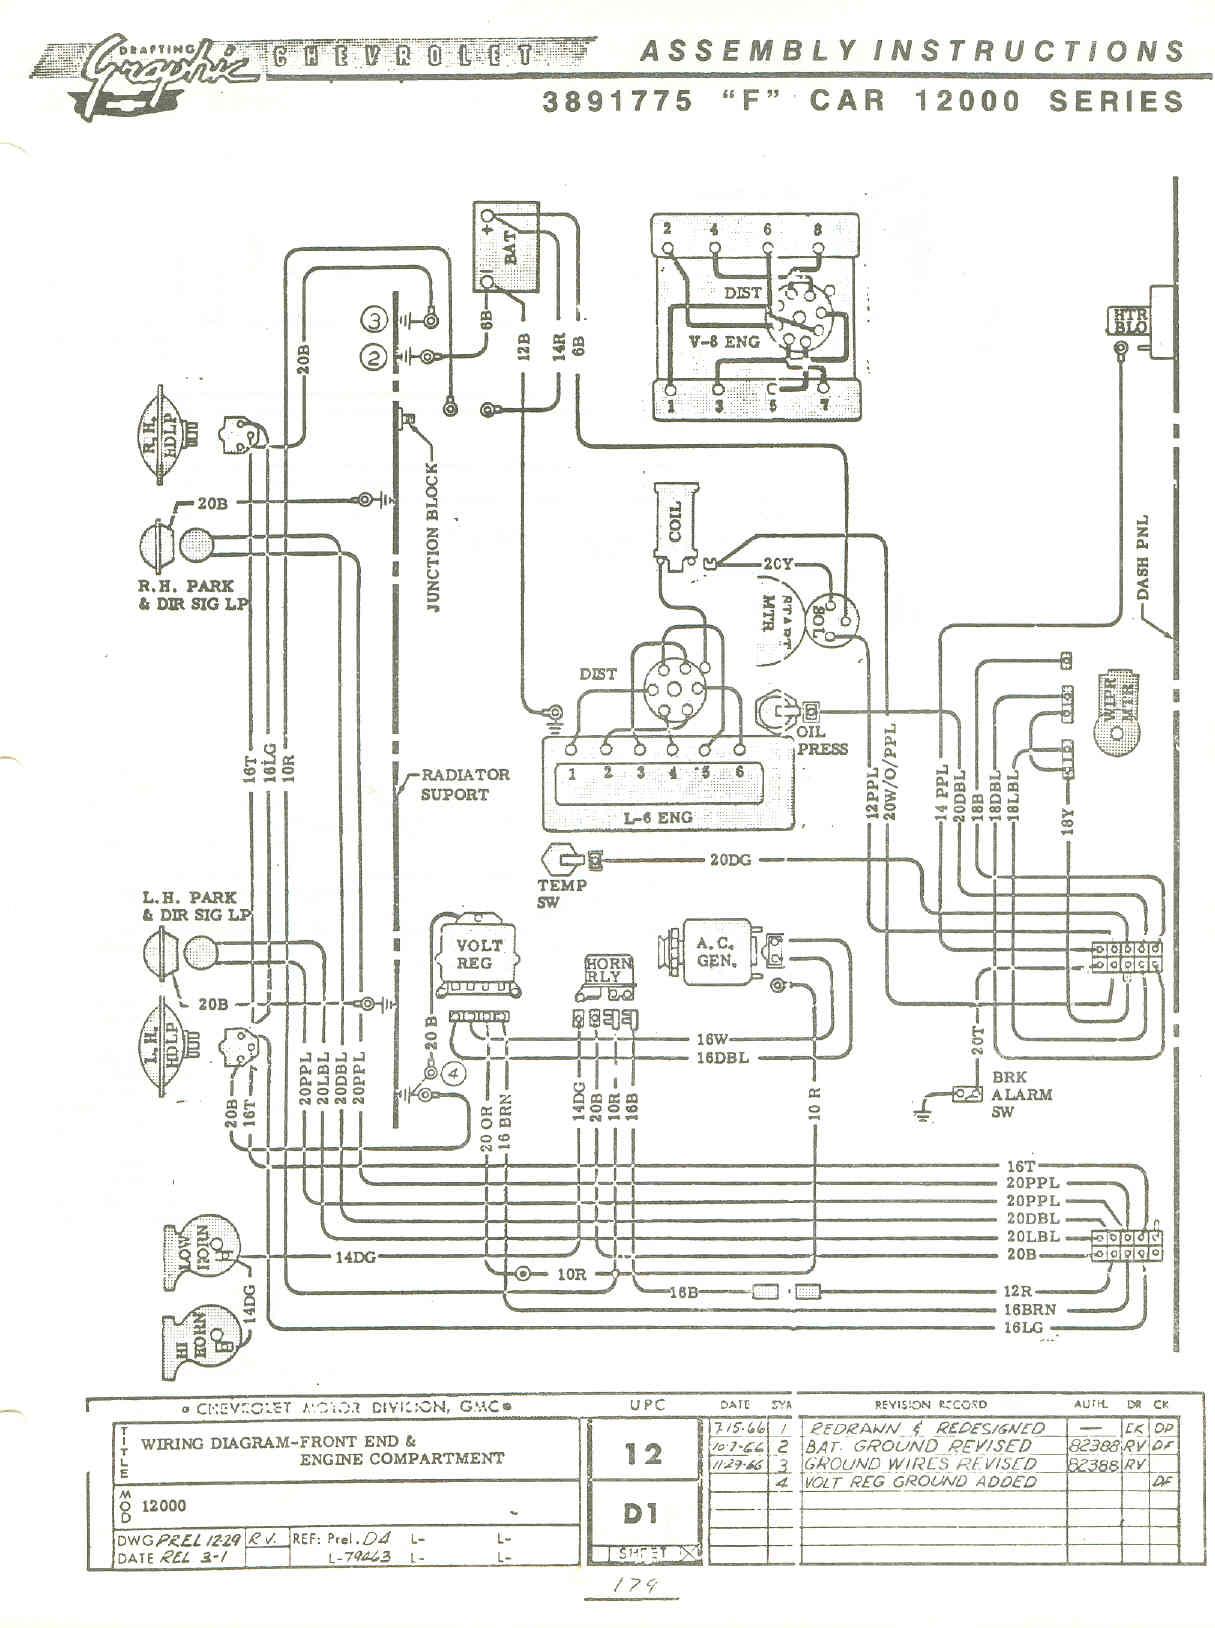 Camaro Wiring Harness Solidfonts - 1970 nova wiring diagram manual